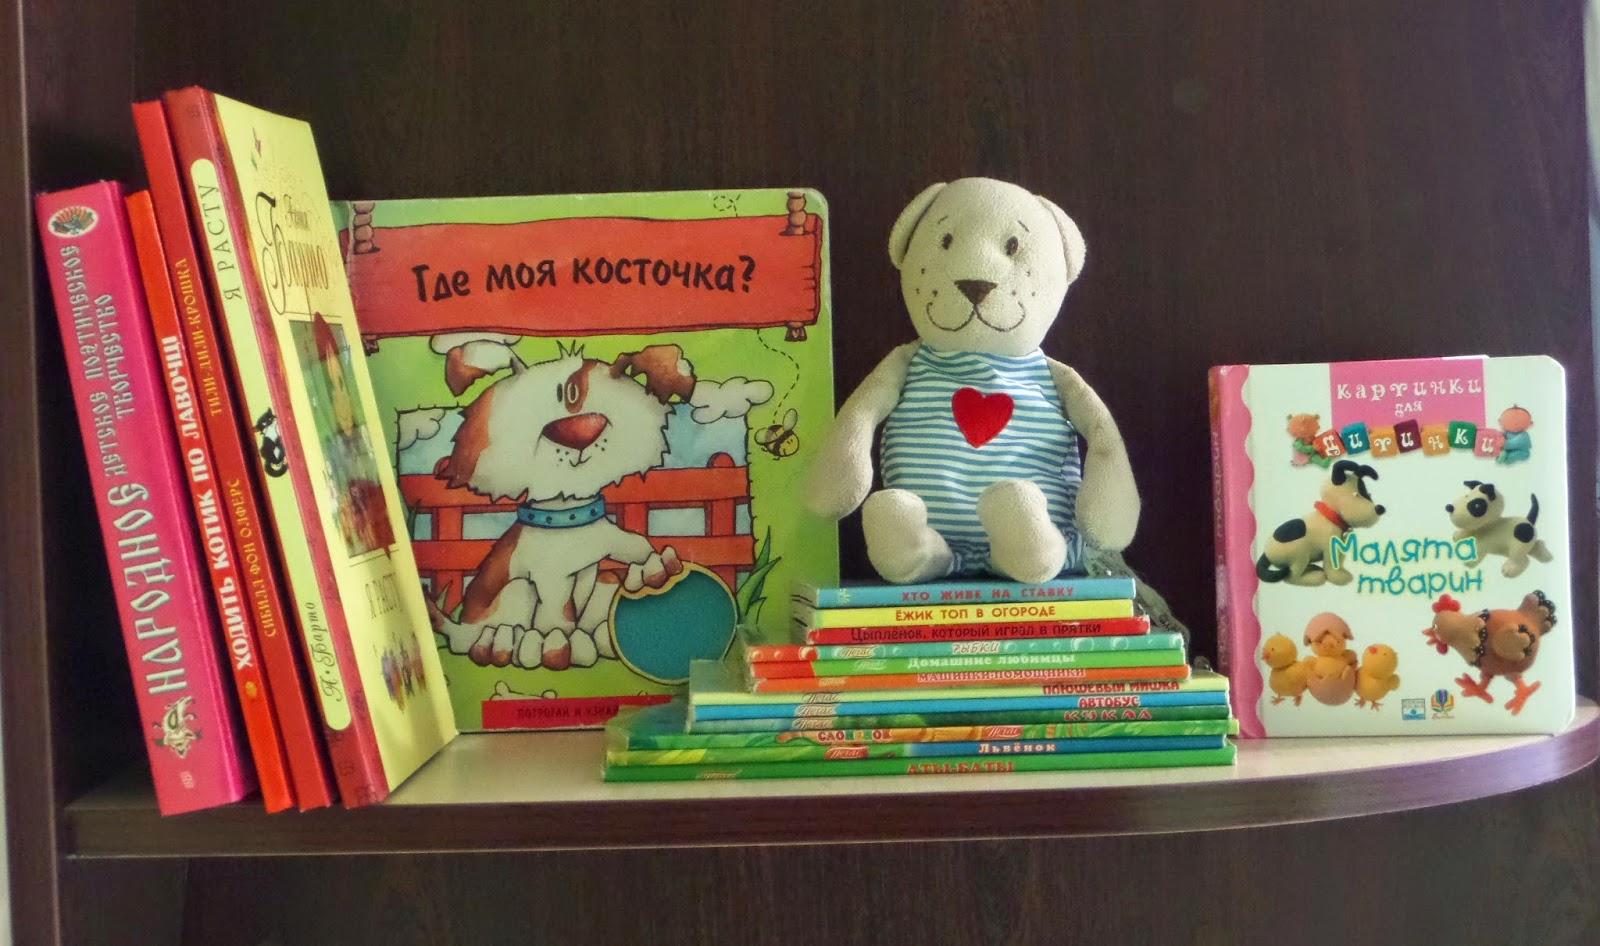 Басни эзопа читать для детей 3 класса